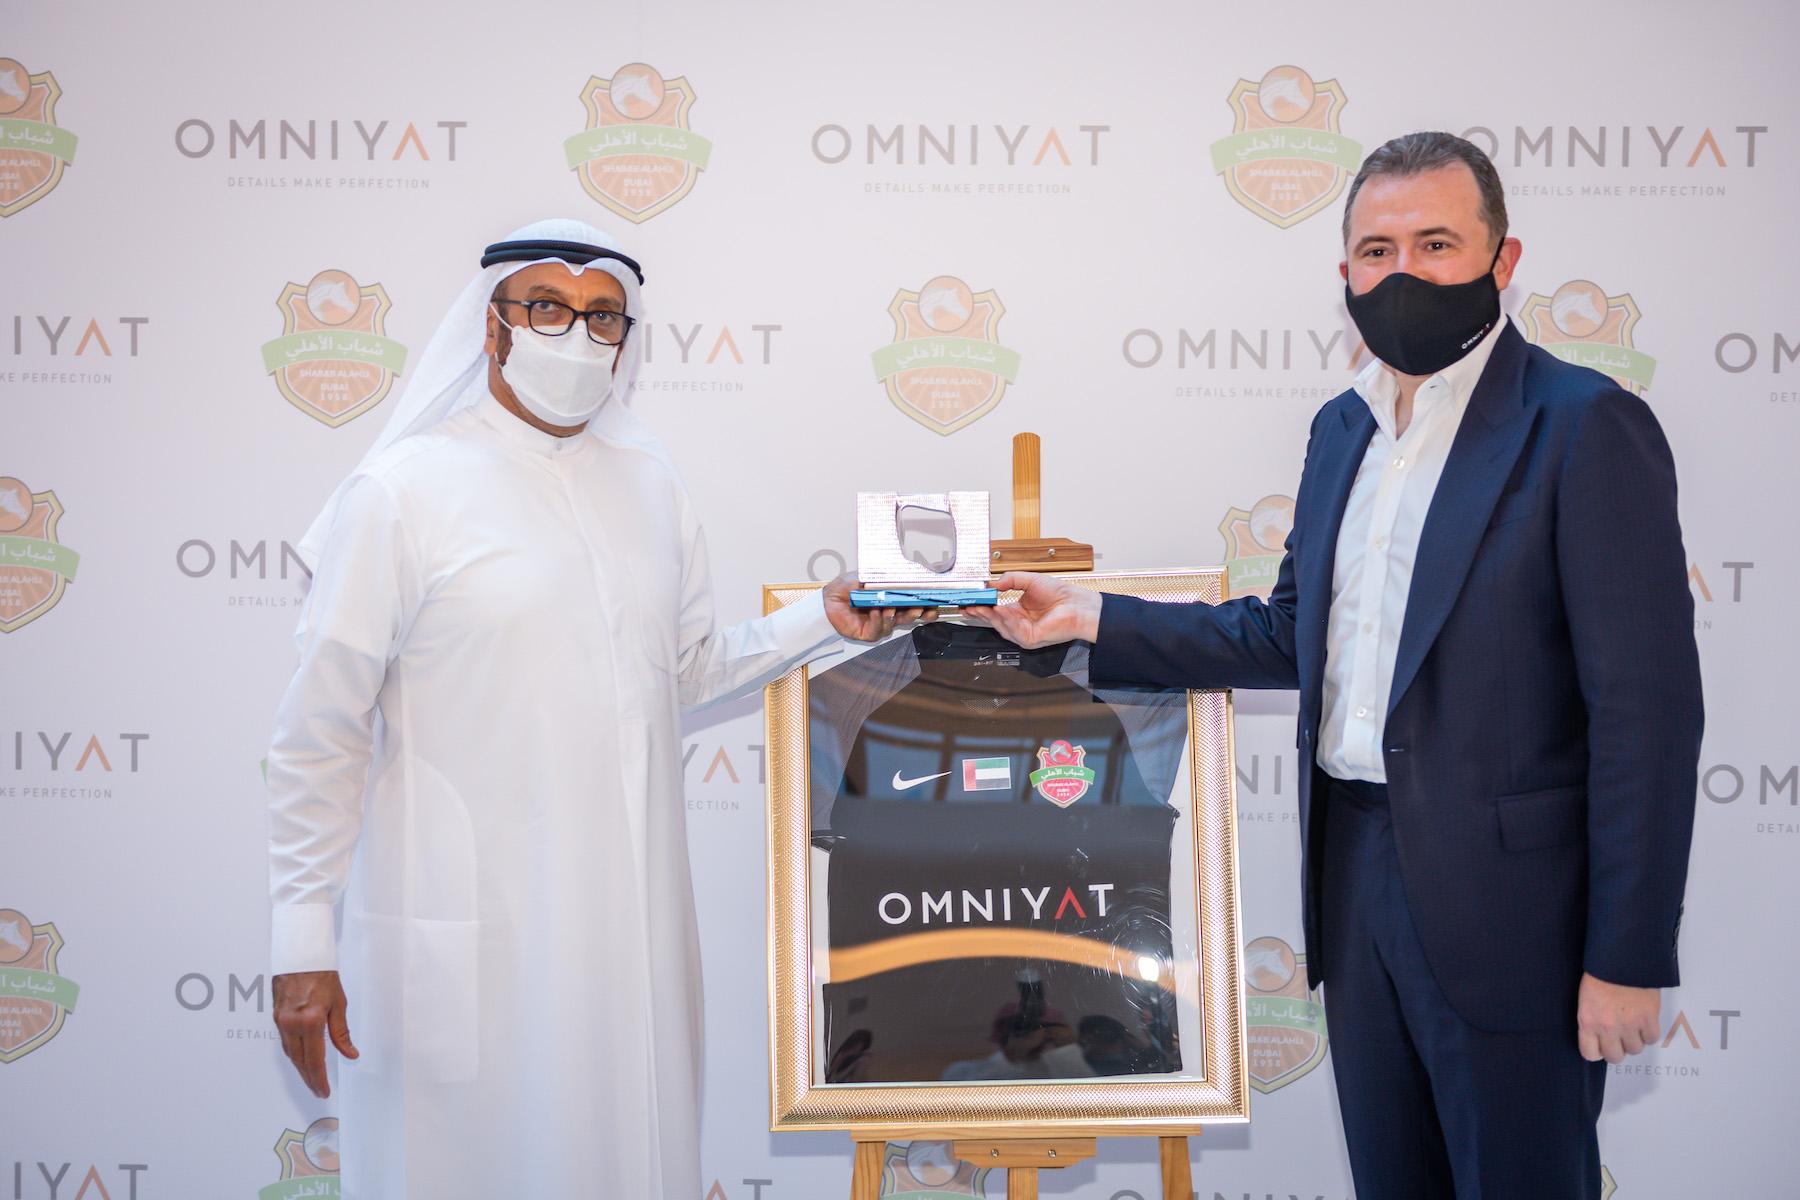 Omniyat new sponsor of Shabab Al Ahli Club